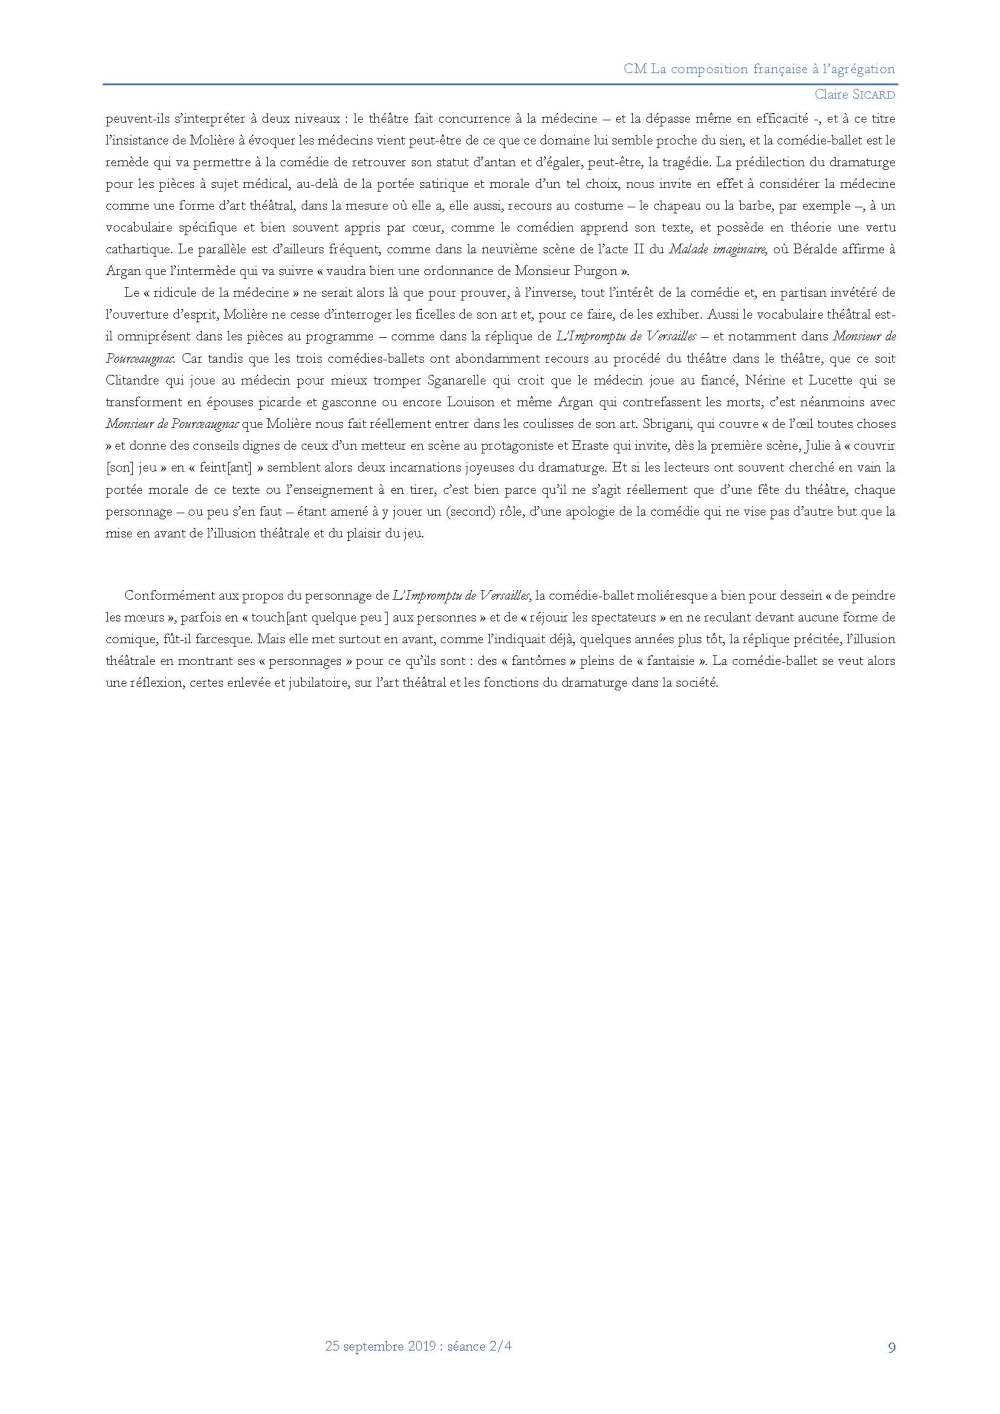 Exemplier_Methodo-dissert_250919_Page_9